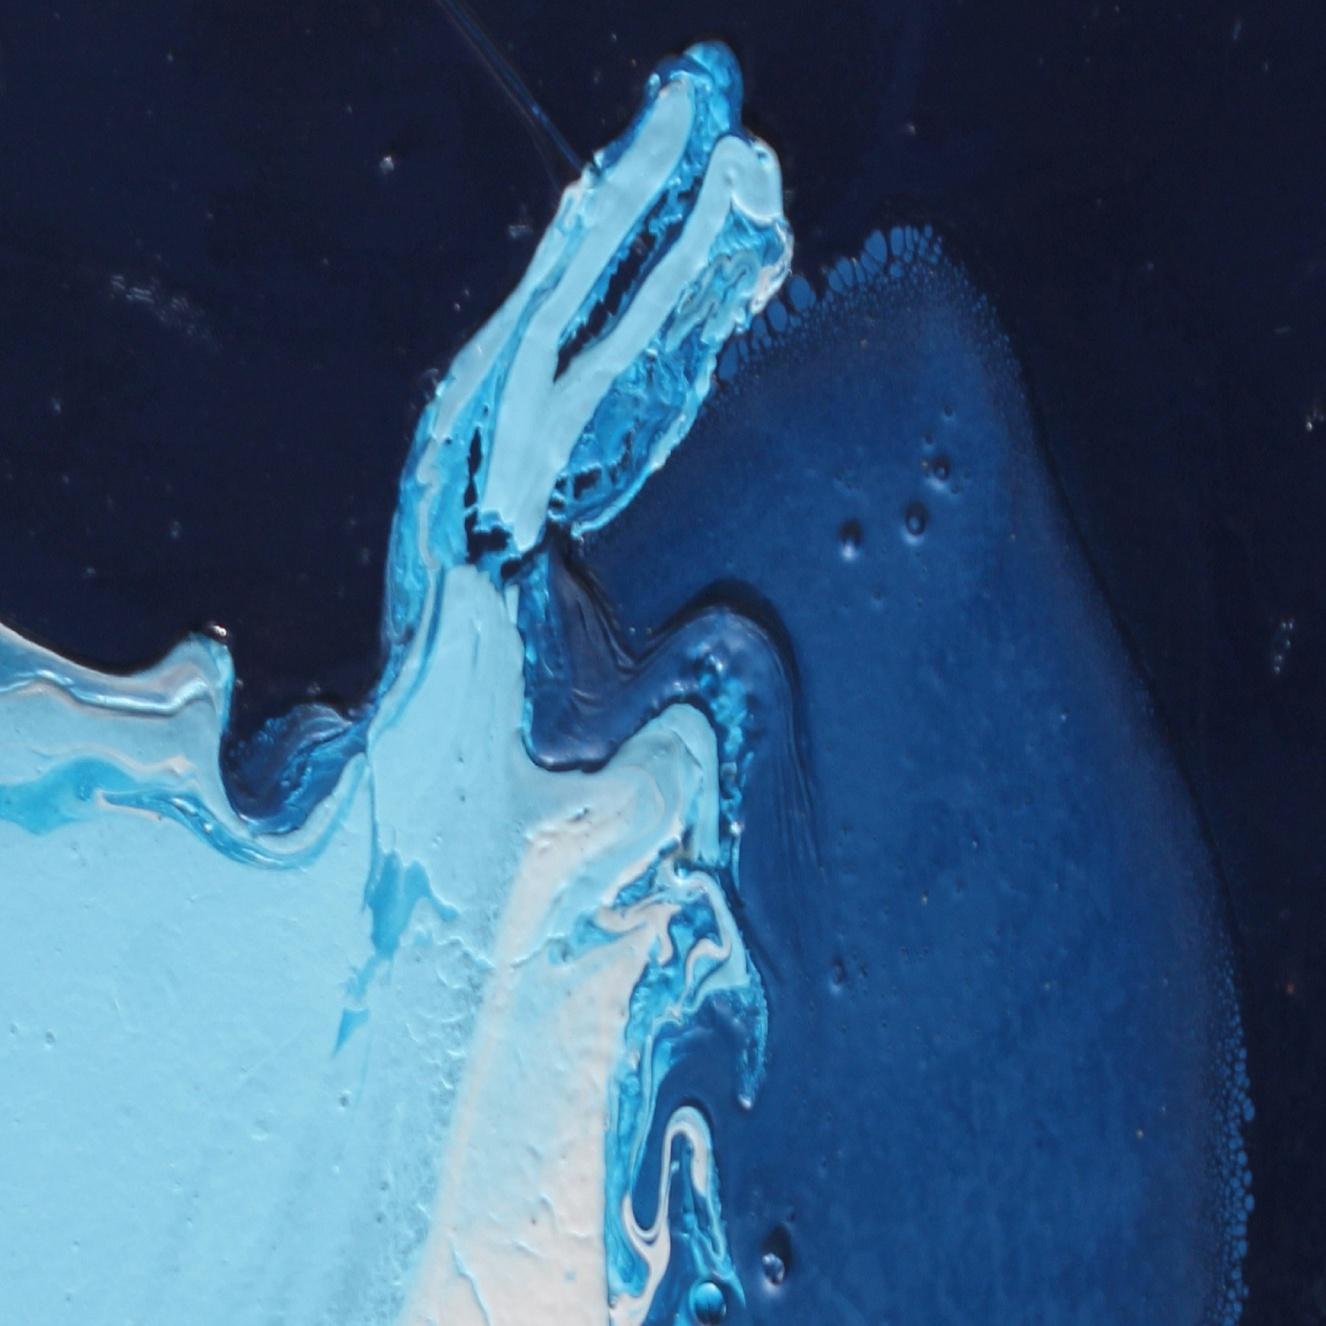 C:\Users\DstLuu\Pictures\LDO_Gallery\LUUDAT OCEAN OF COLORS LARGE CROP IMG_3846.jpg